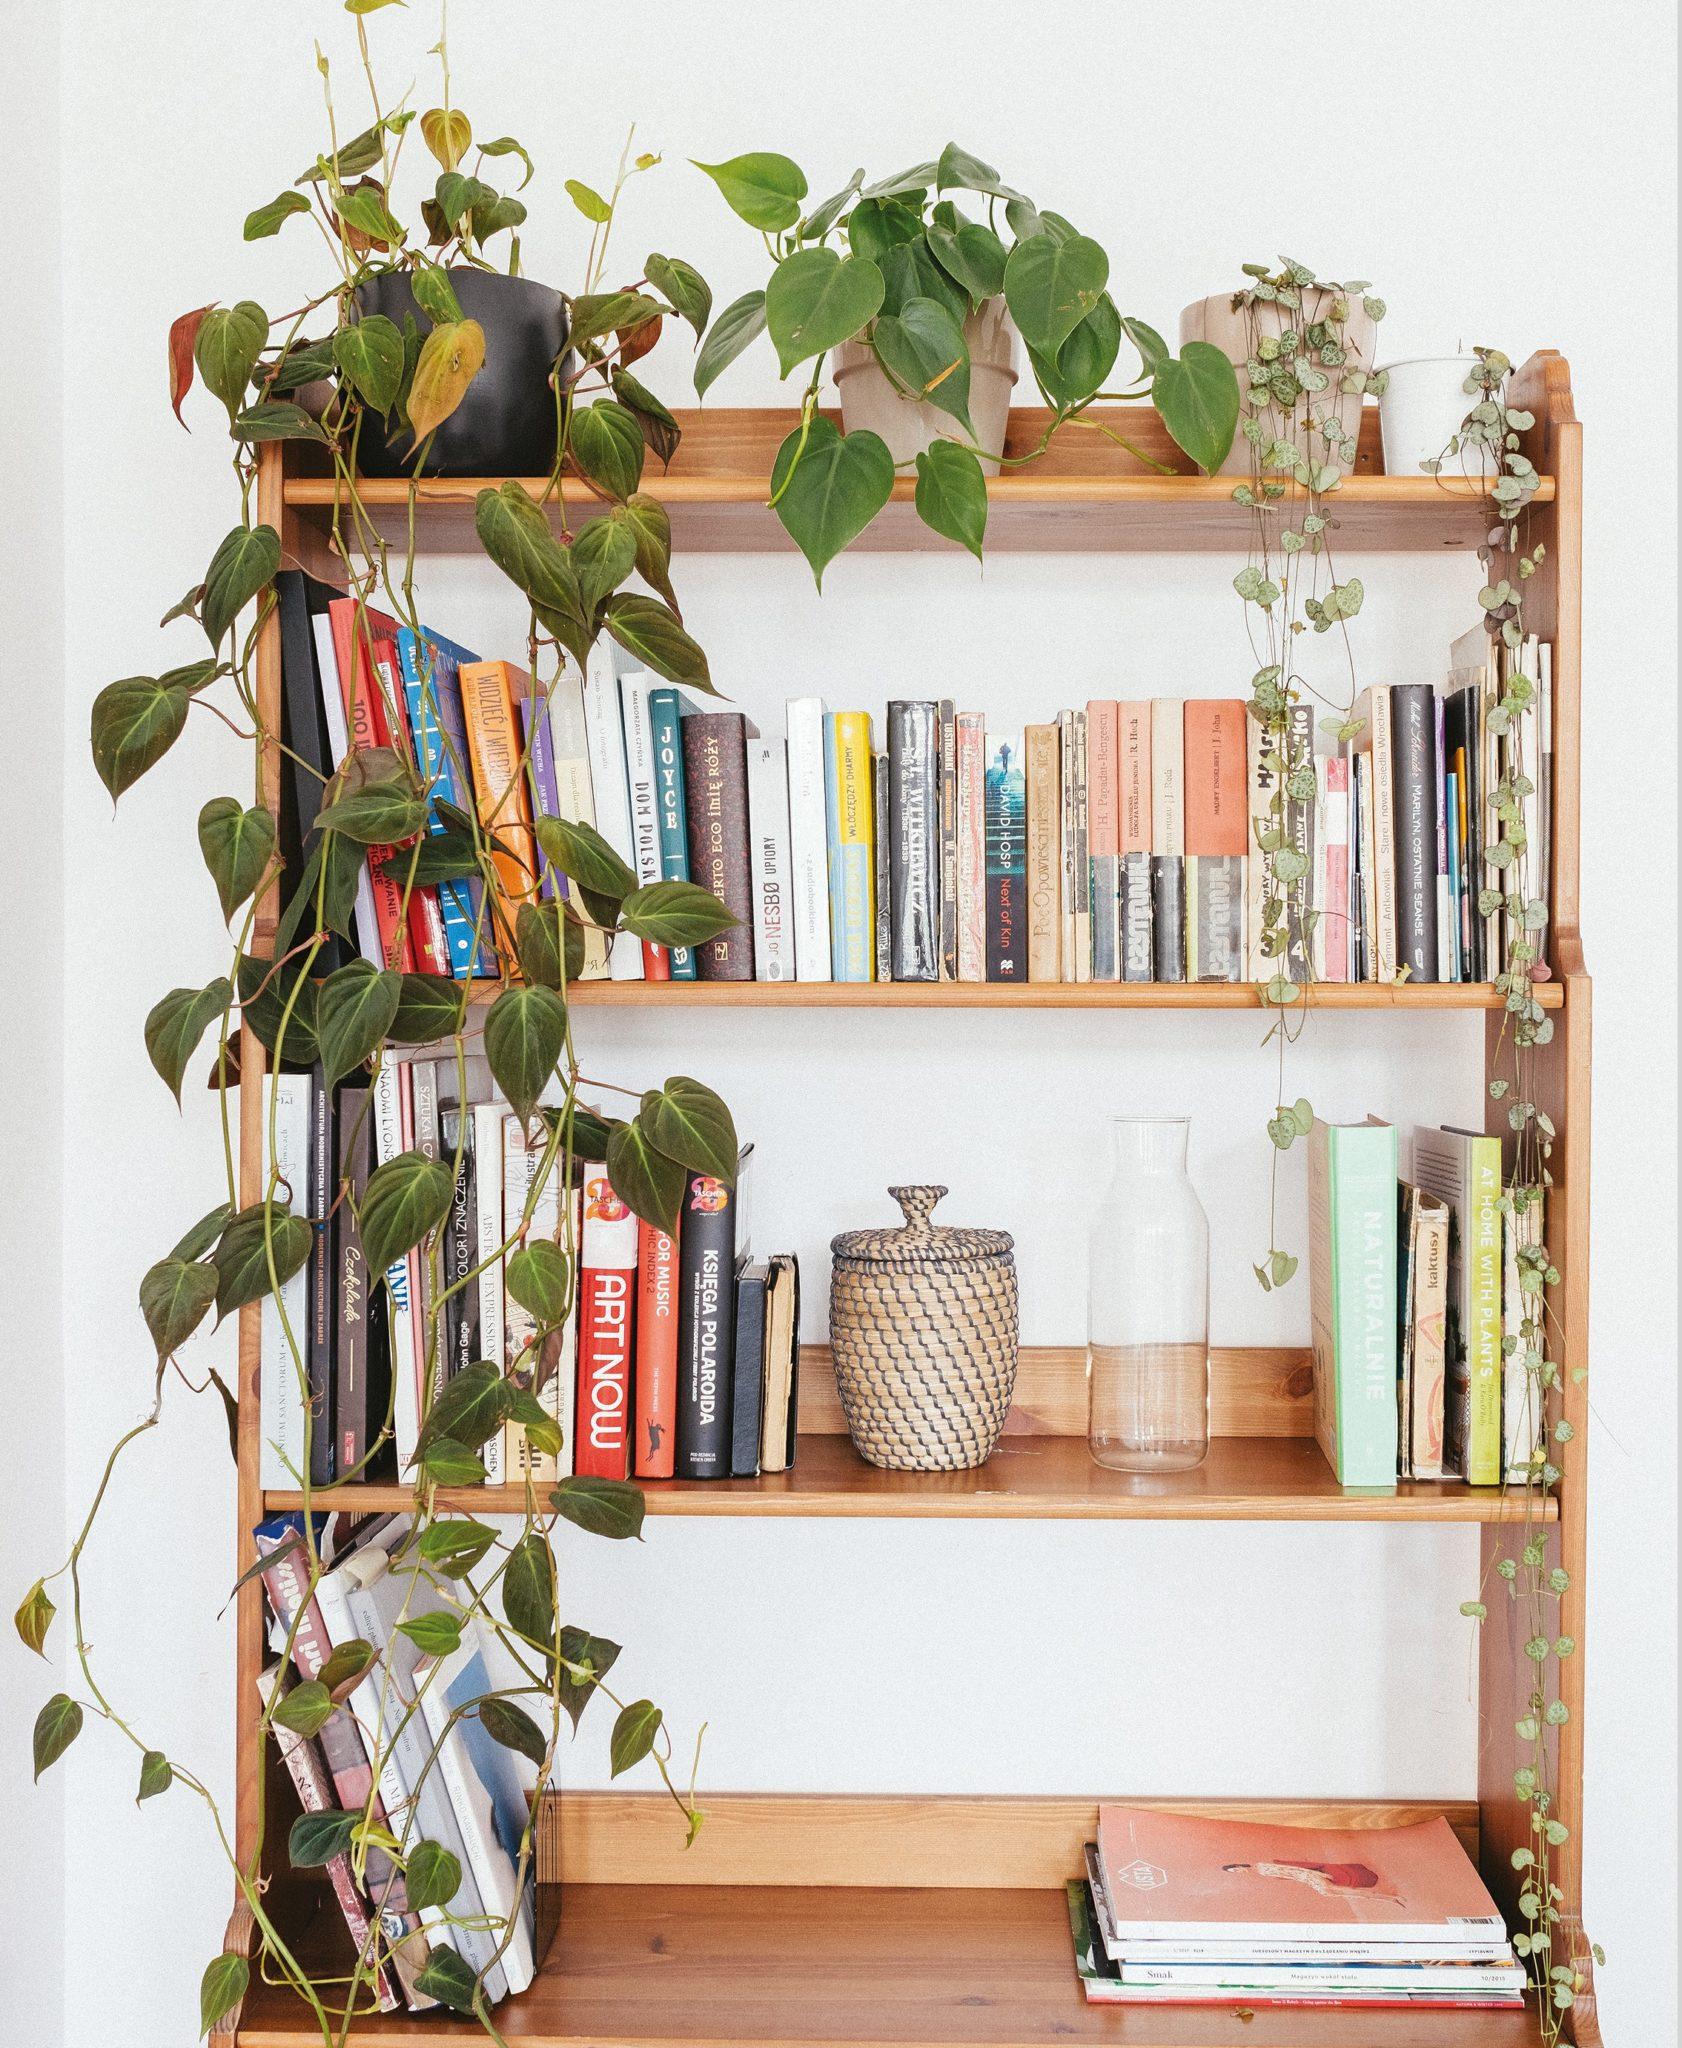 Regał z książkami i oplatająca go roślina